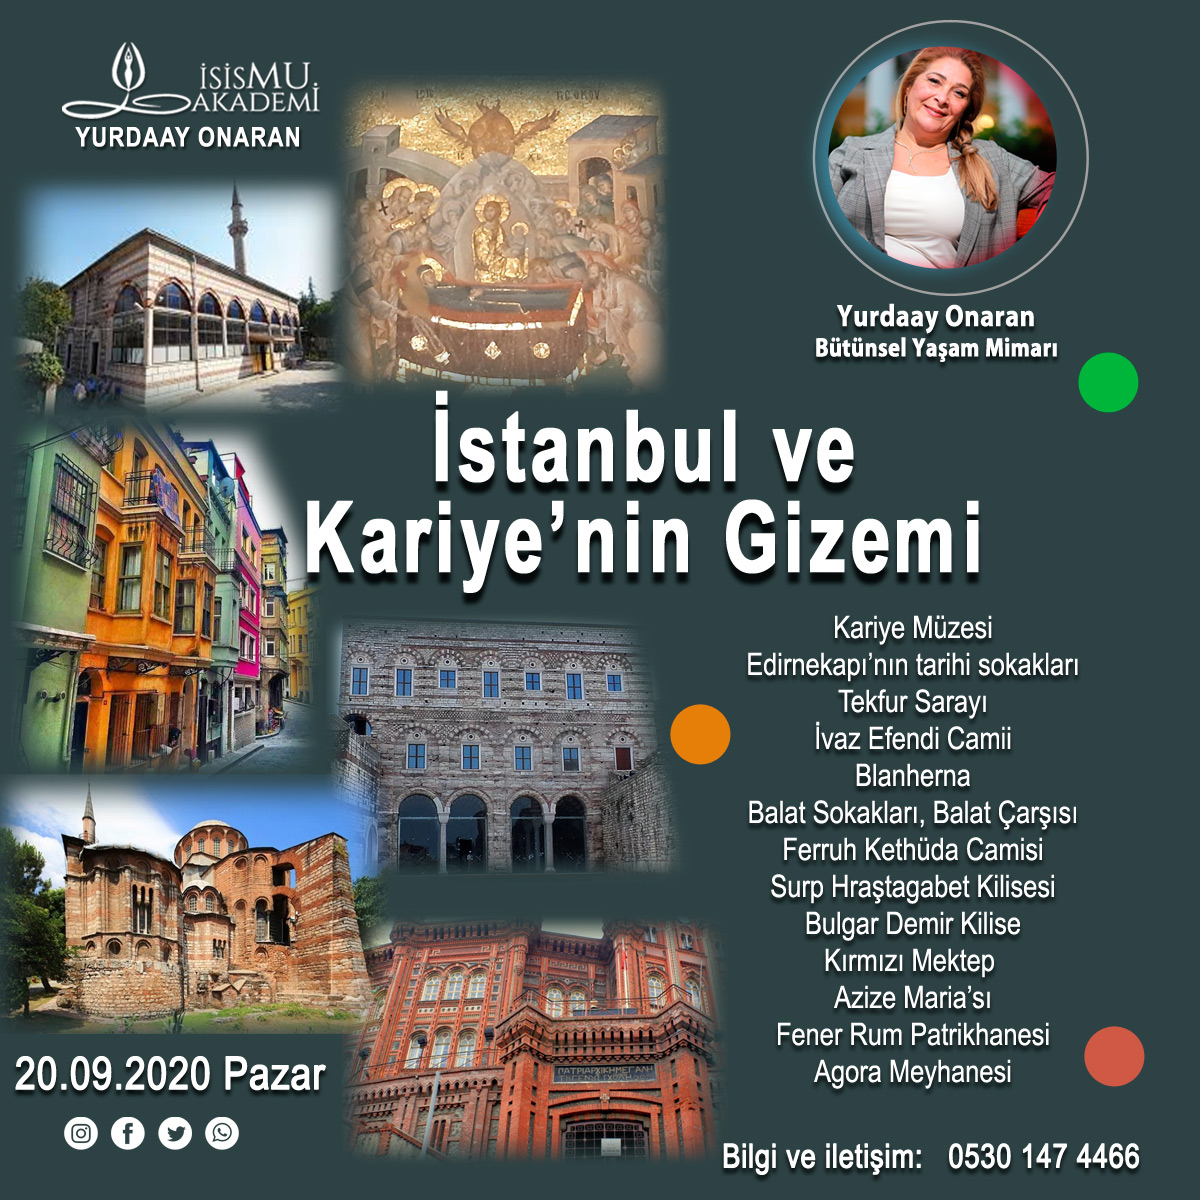 İstanbul ve Kariye'nin Gizemi